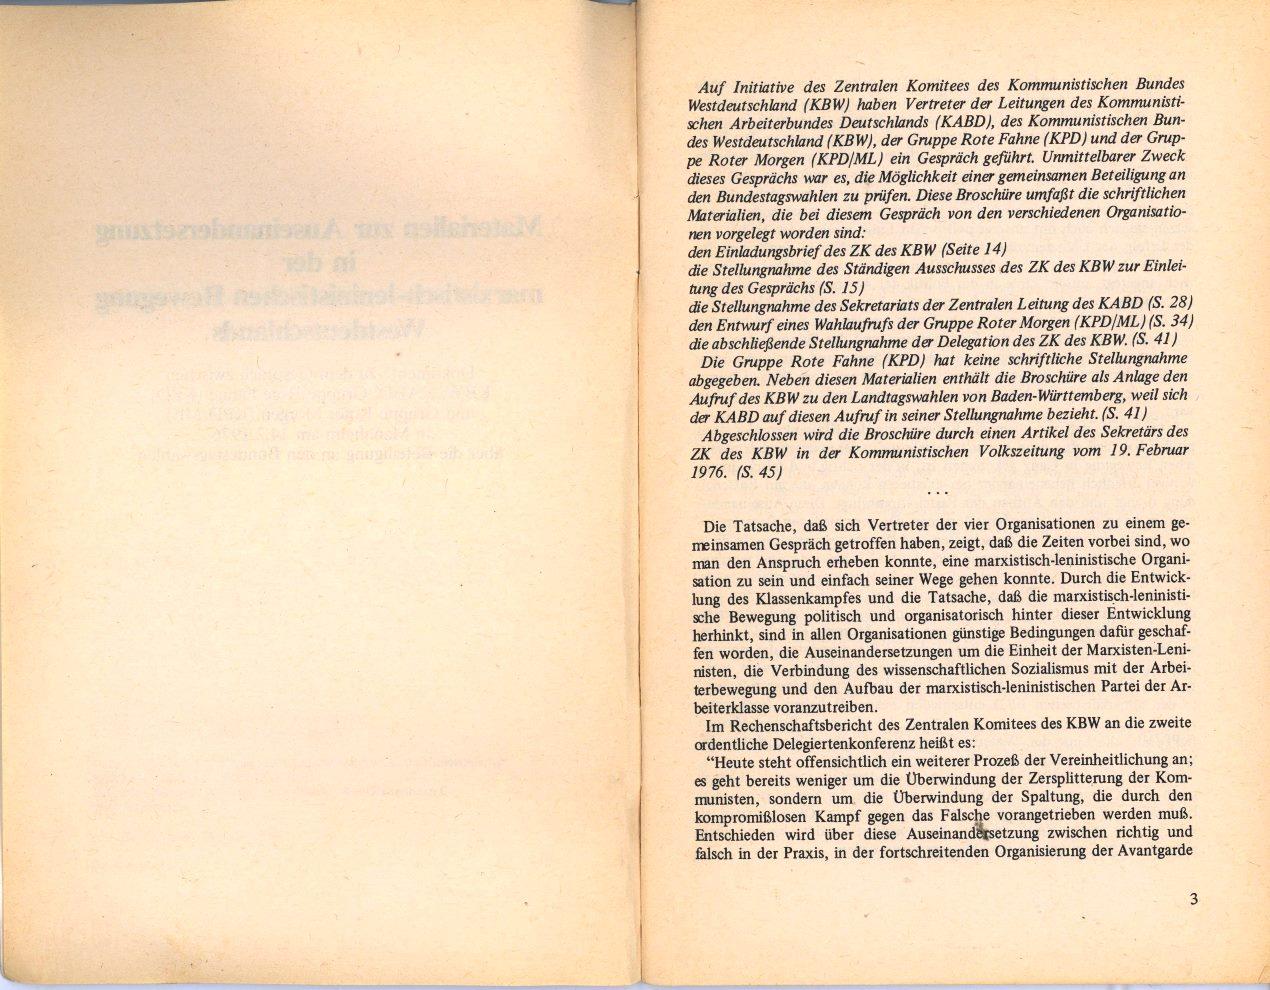 KBW_Materialien_zur_Auseinandersetzung_in_der_mlB_1976_03